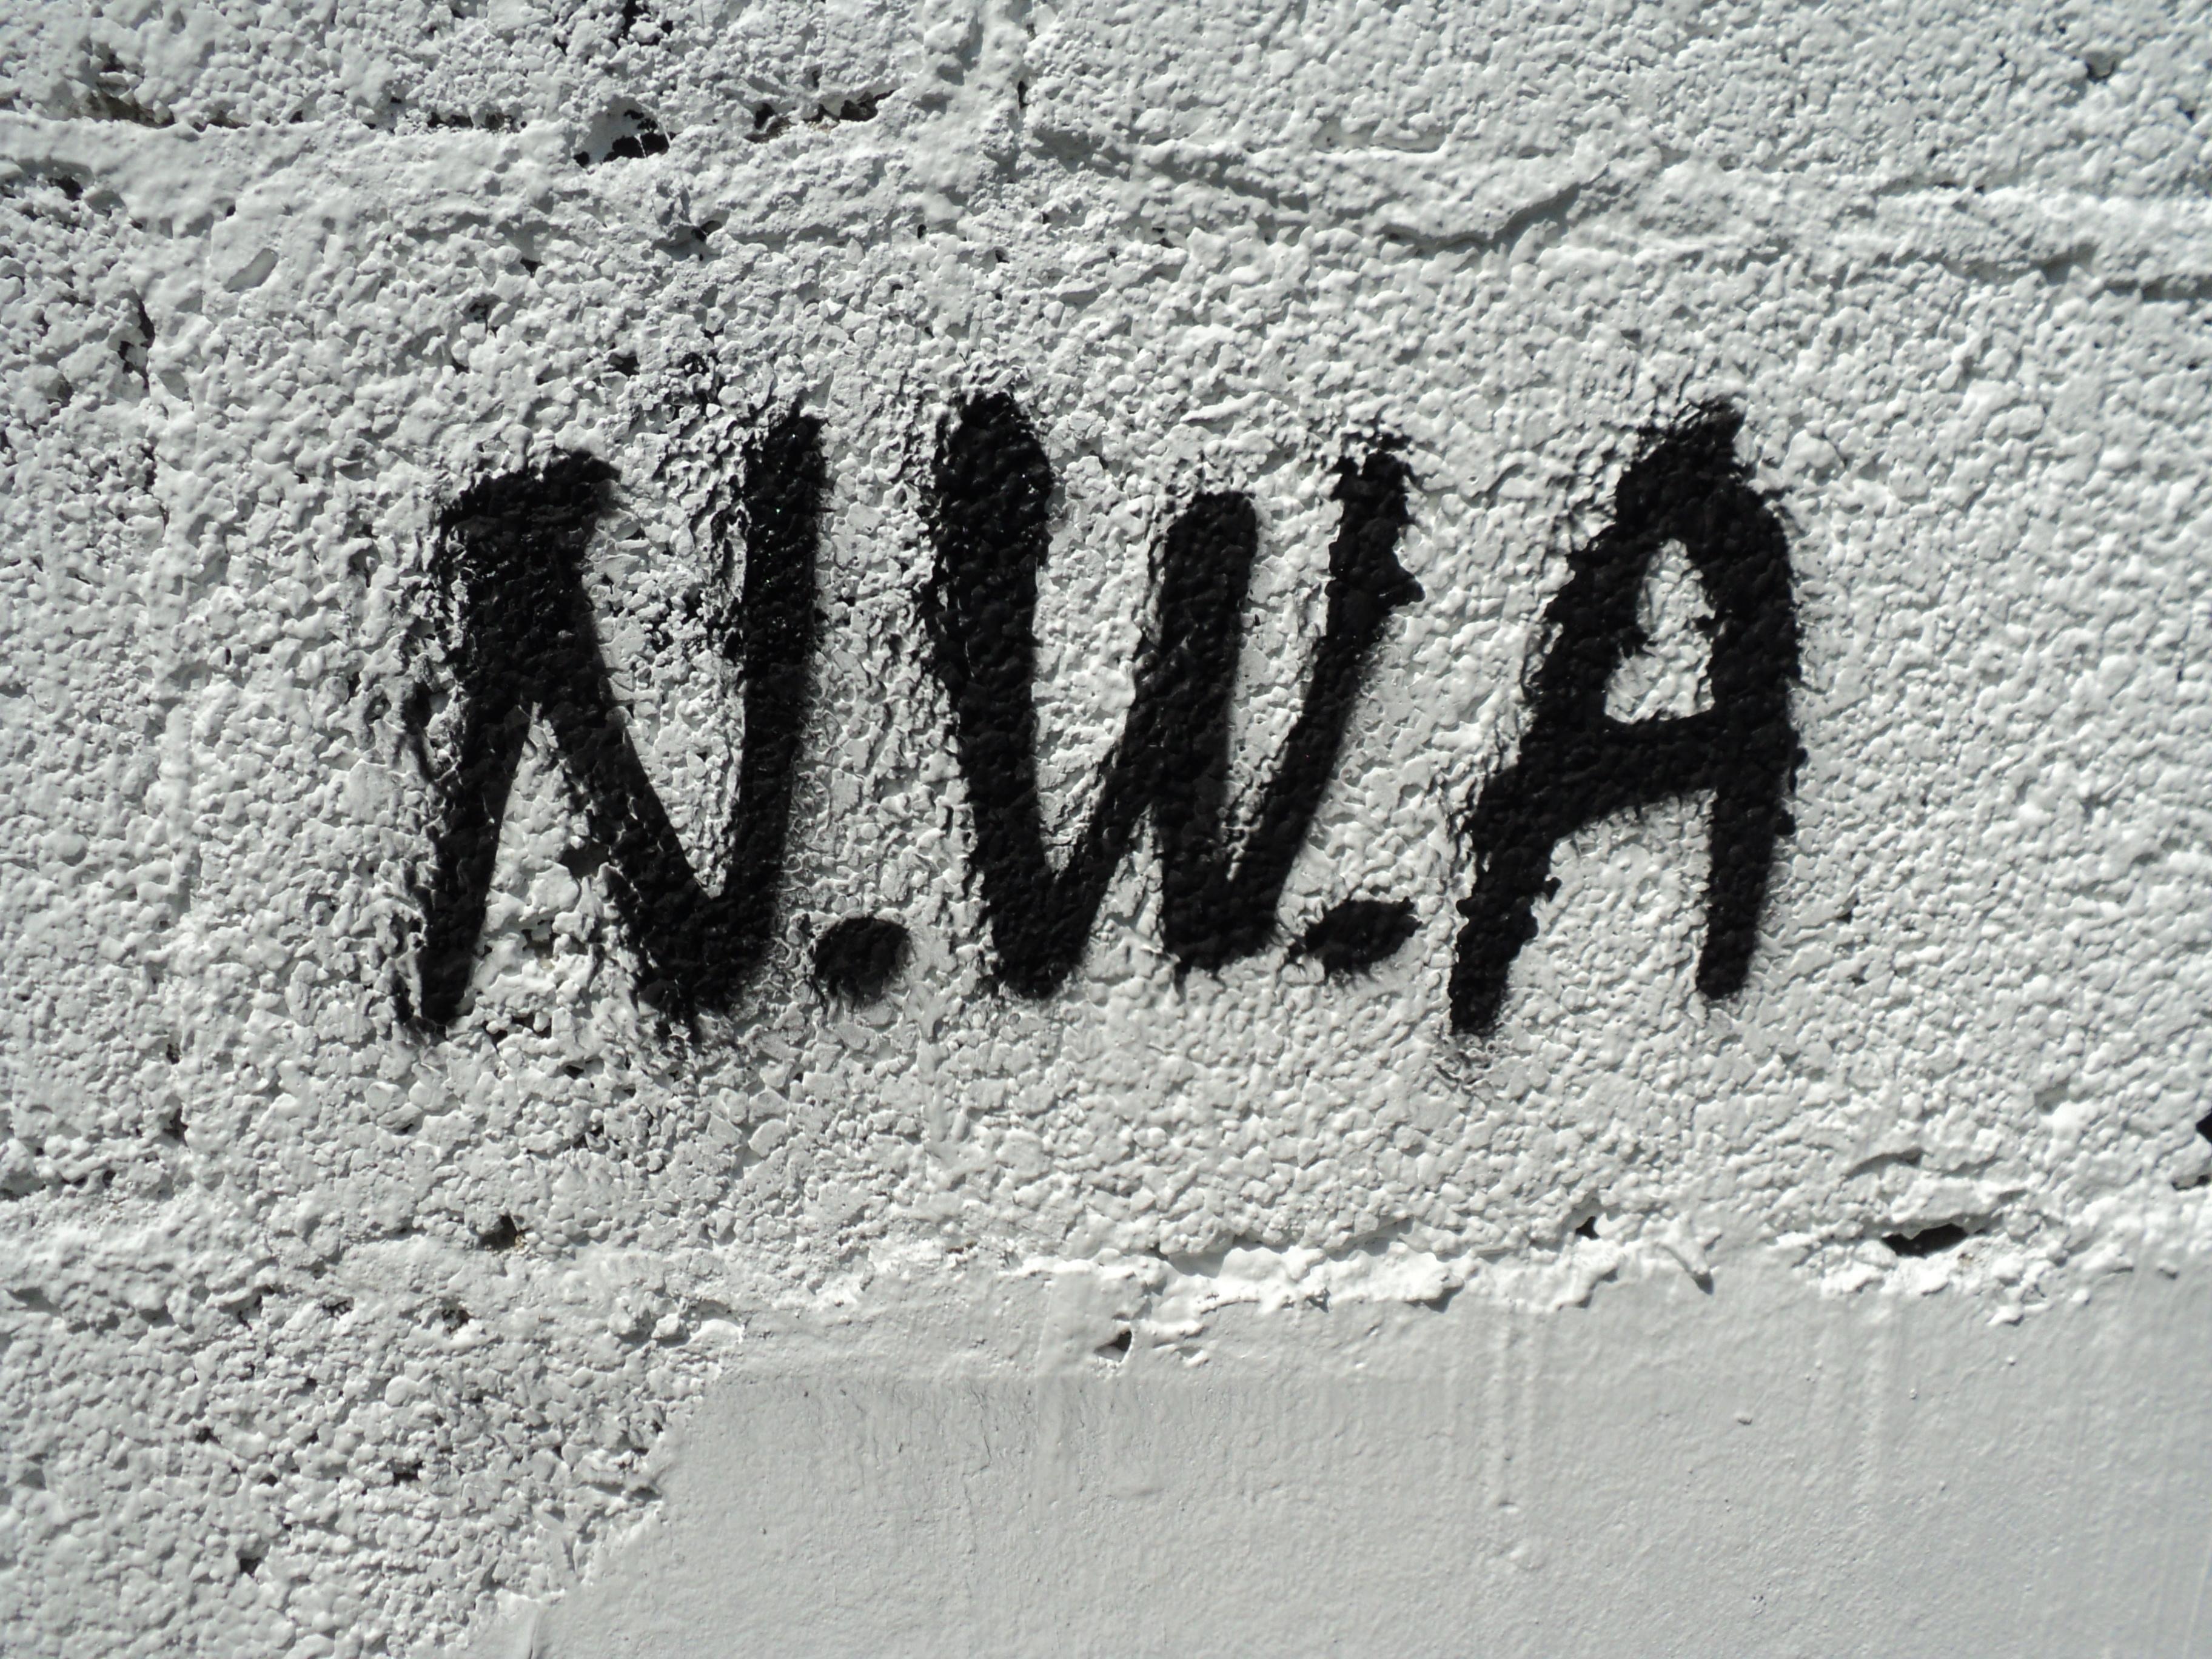 Logo_N.W.A_grafit.jpeg - 3.48 MB